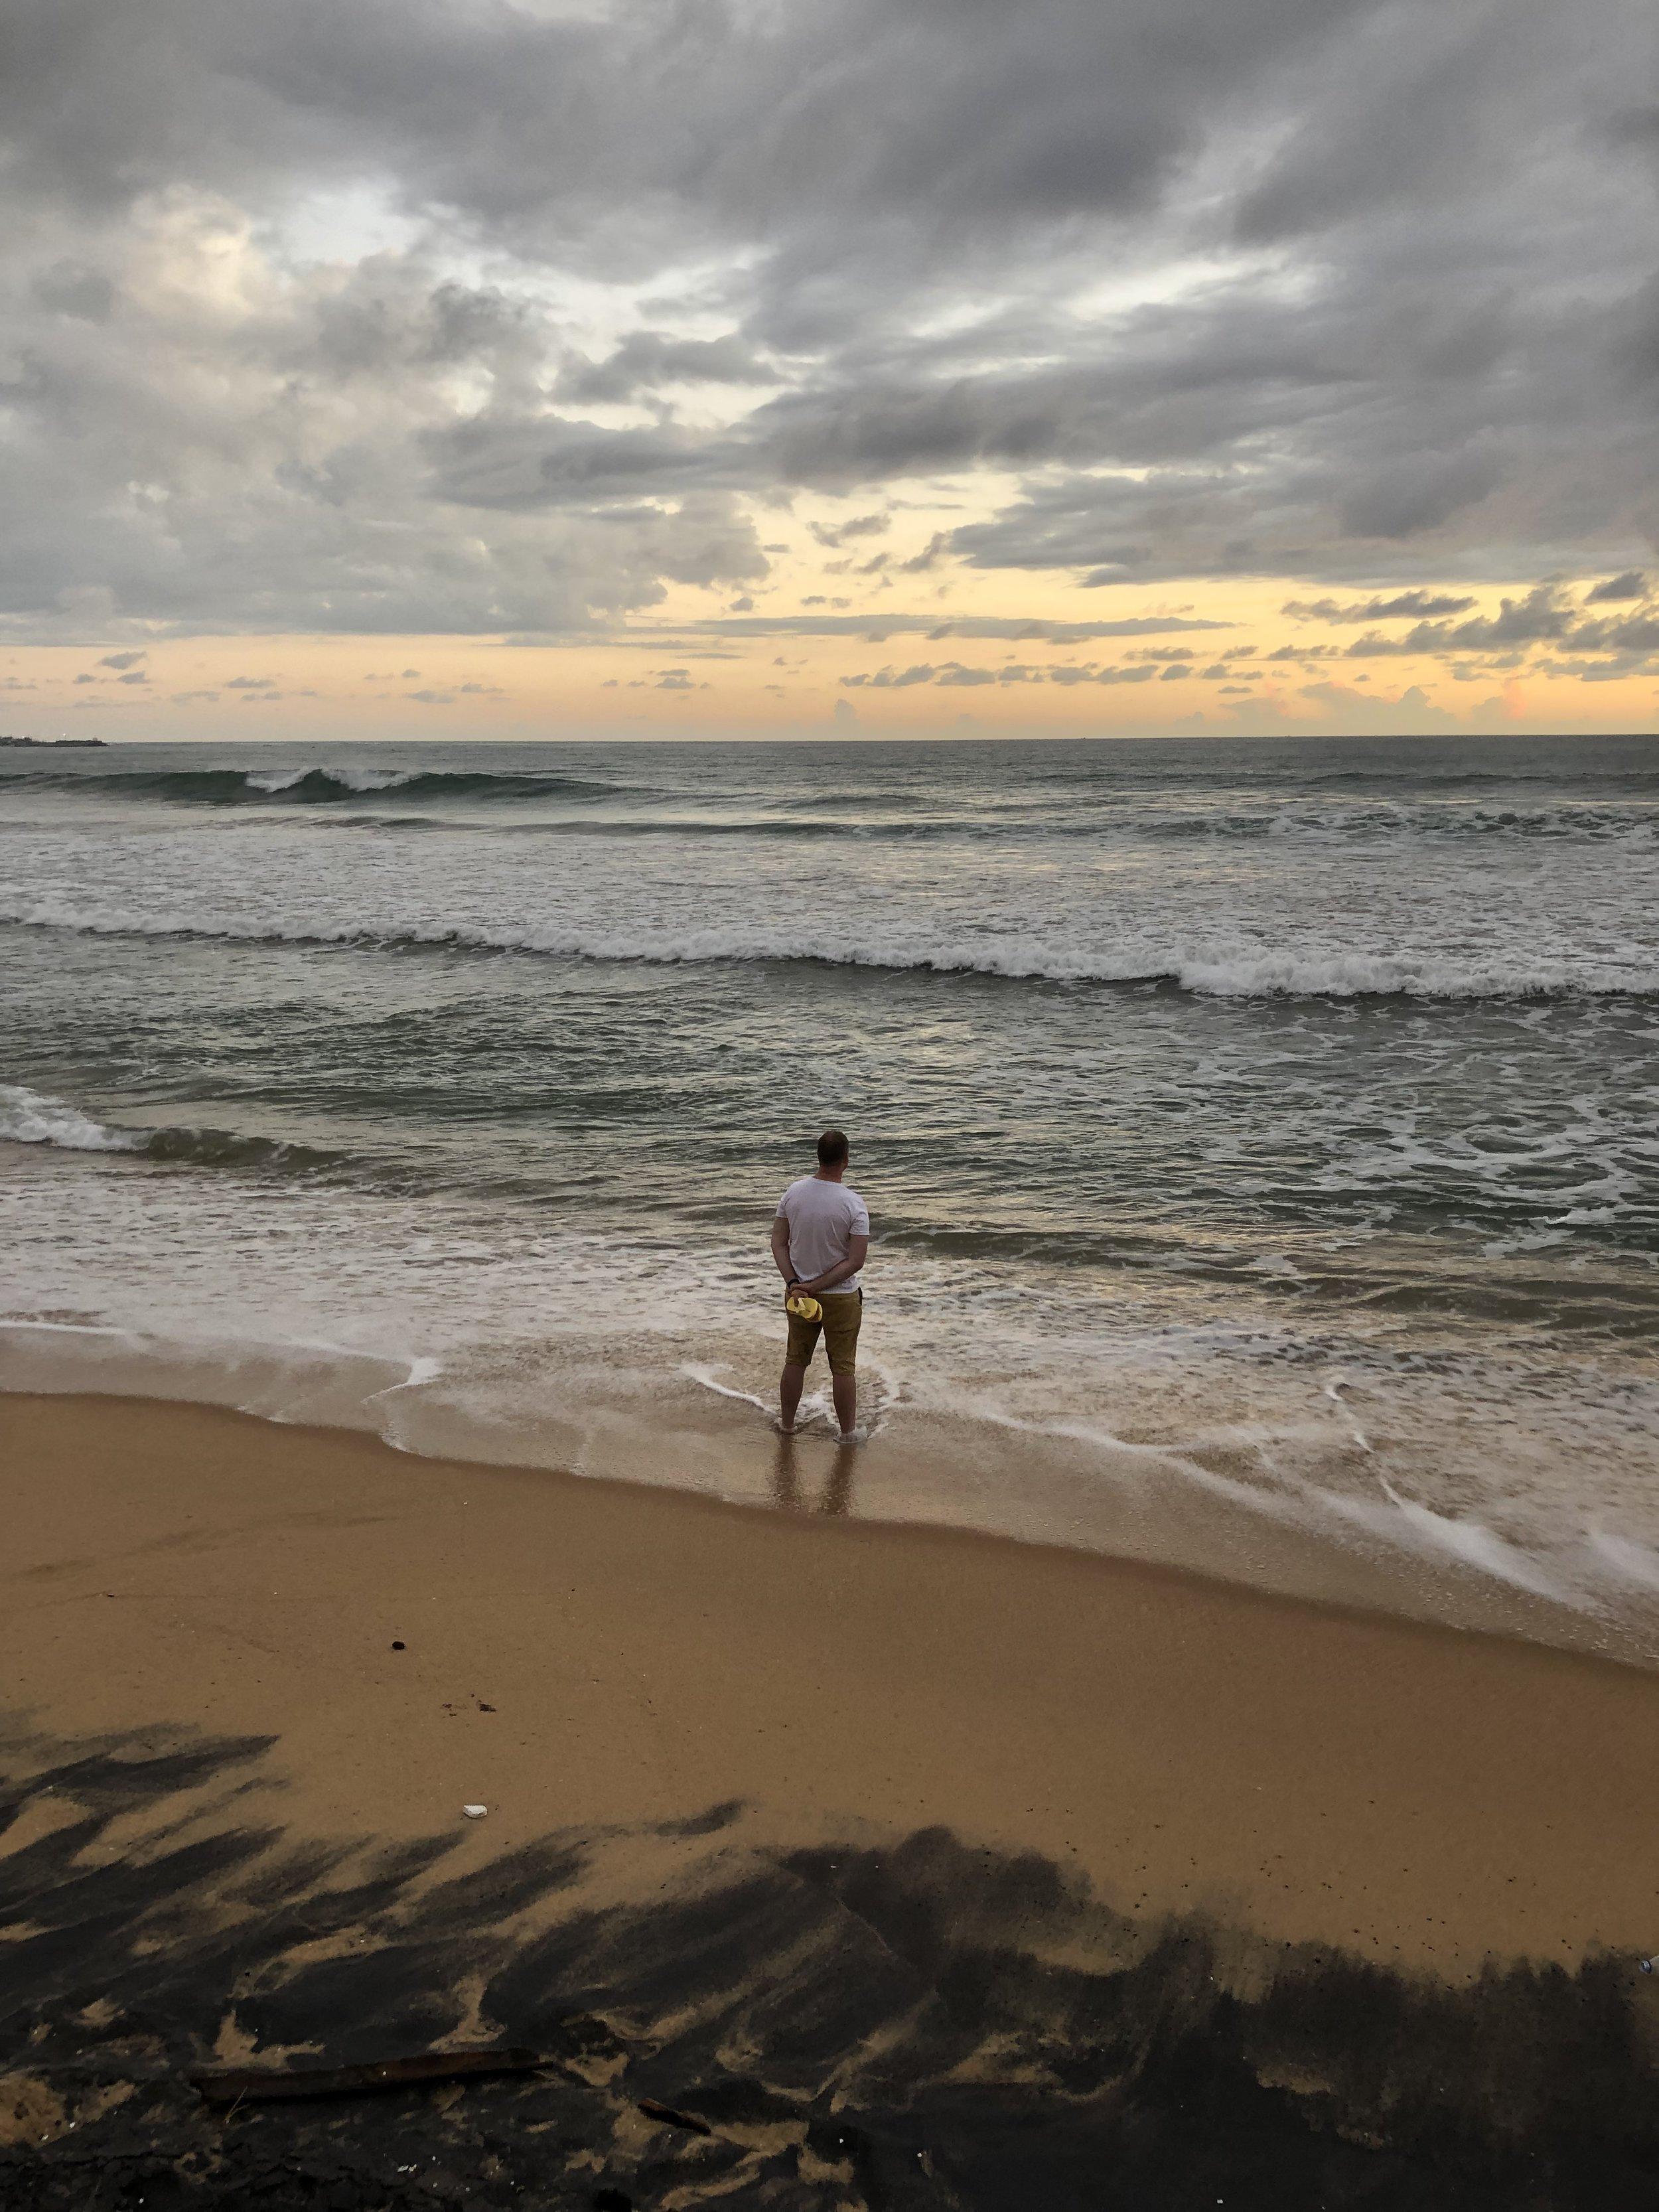 Me in Sri Lanka, 2018.